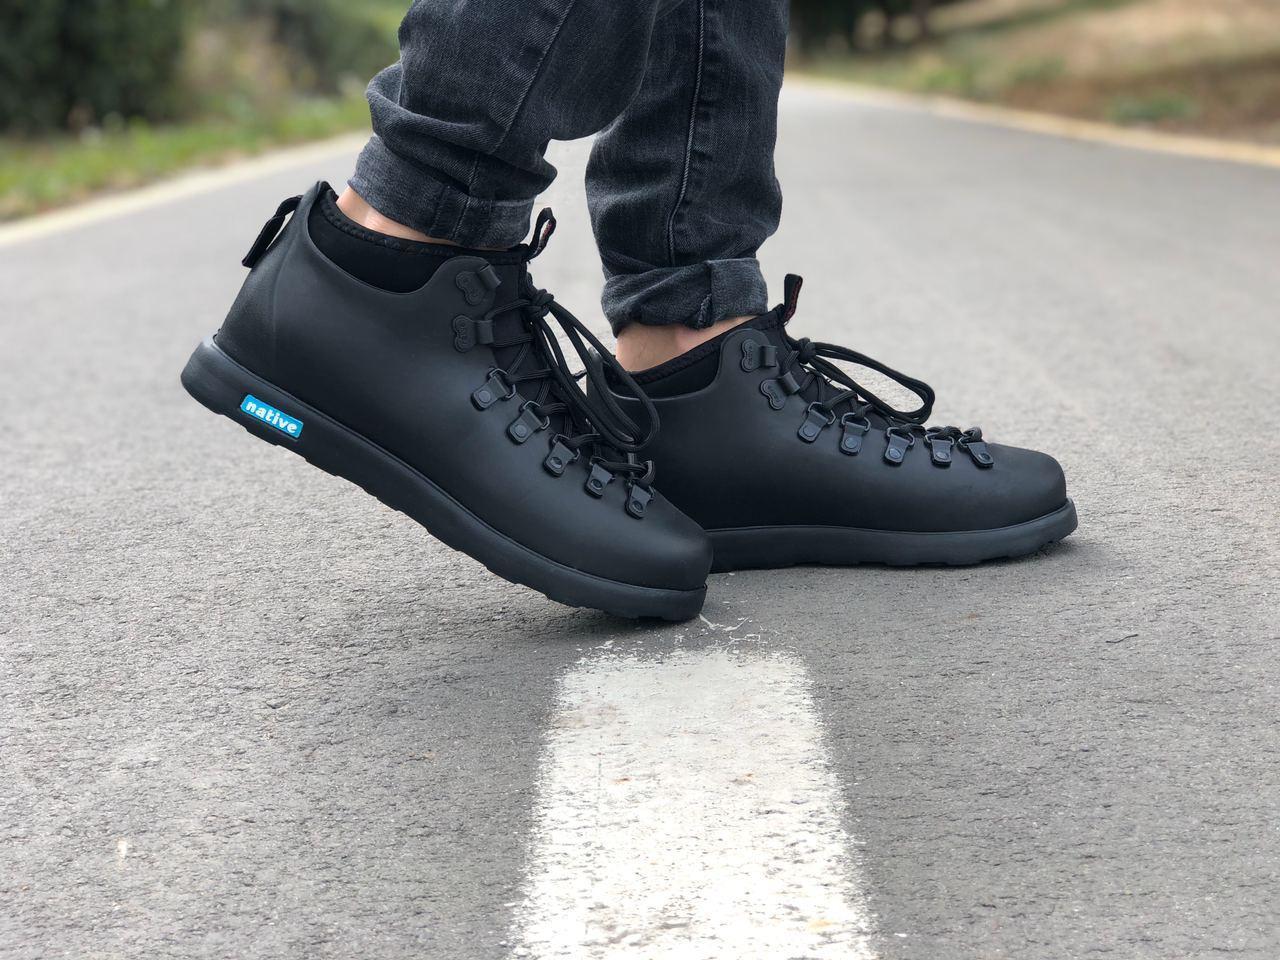 Мужские зимние ботинки Native FITZSIMMONS Black / Нейтив Фитсимонс Черные